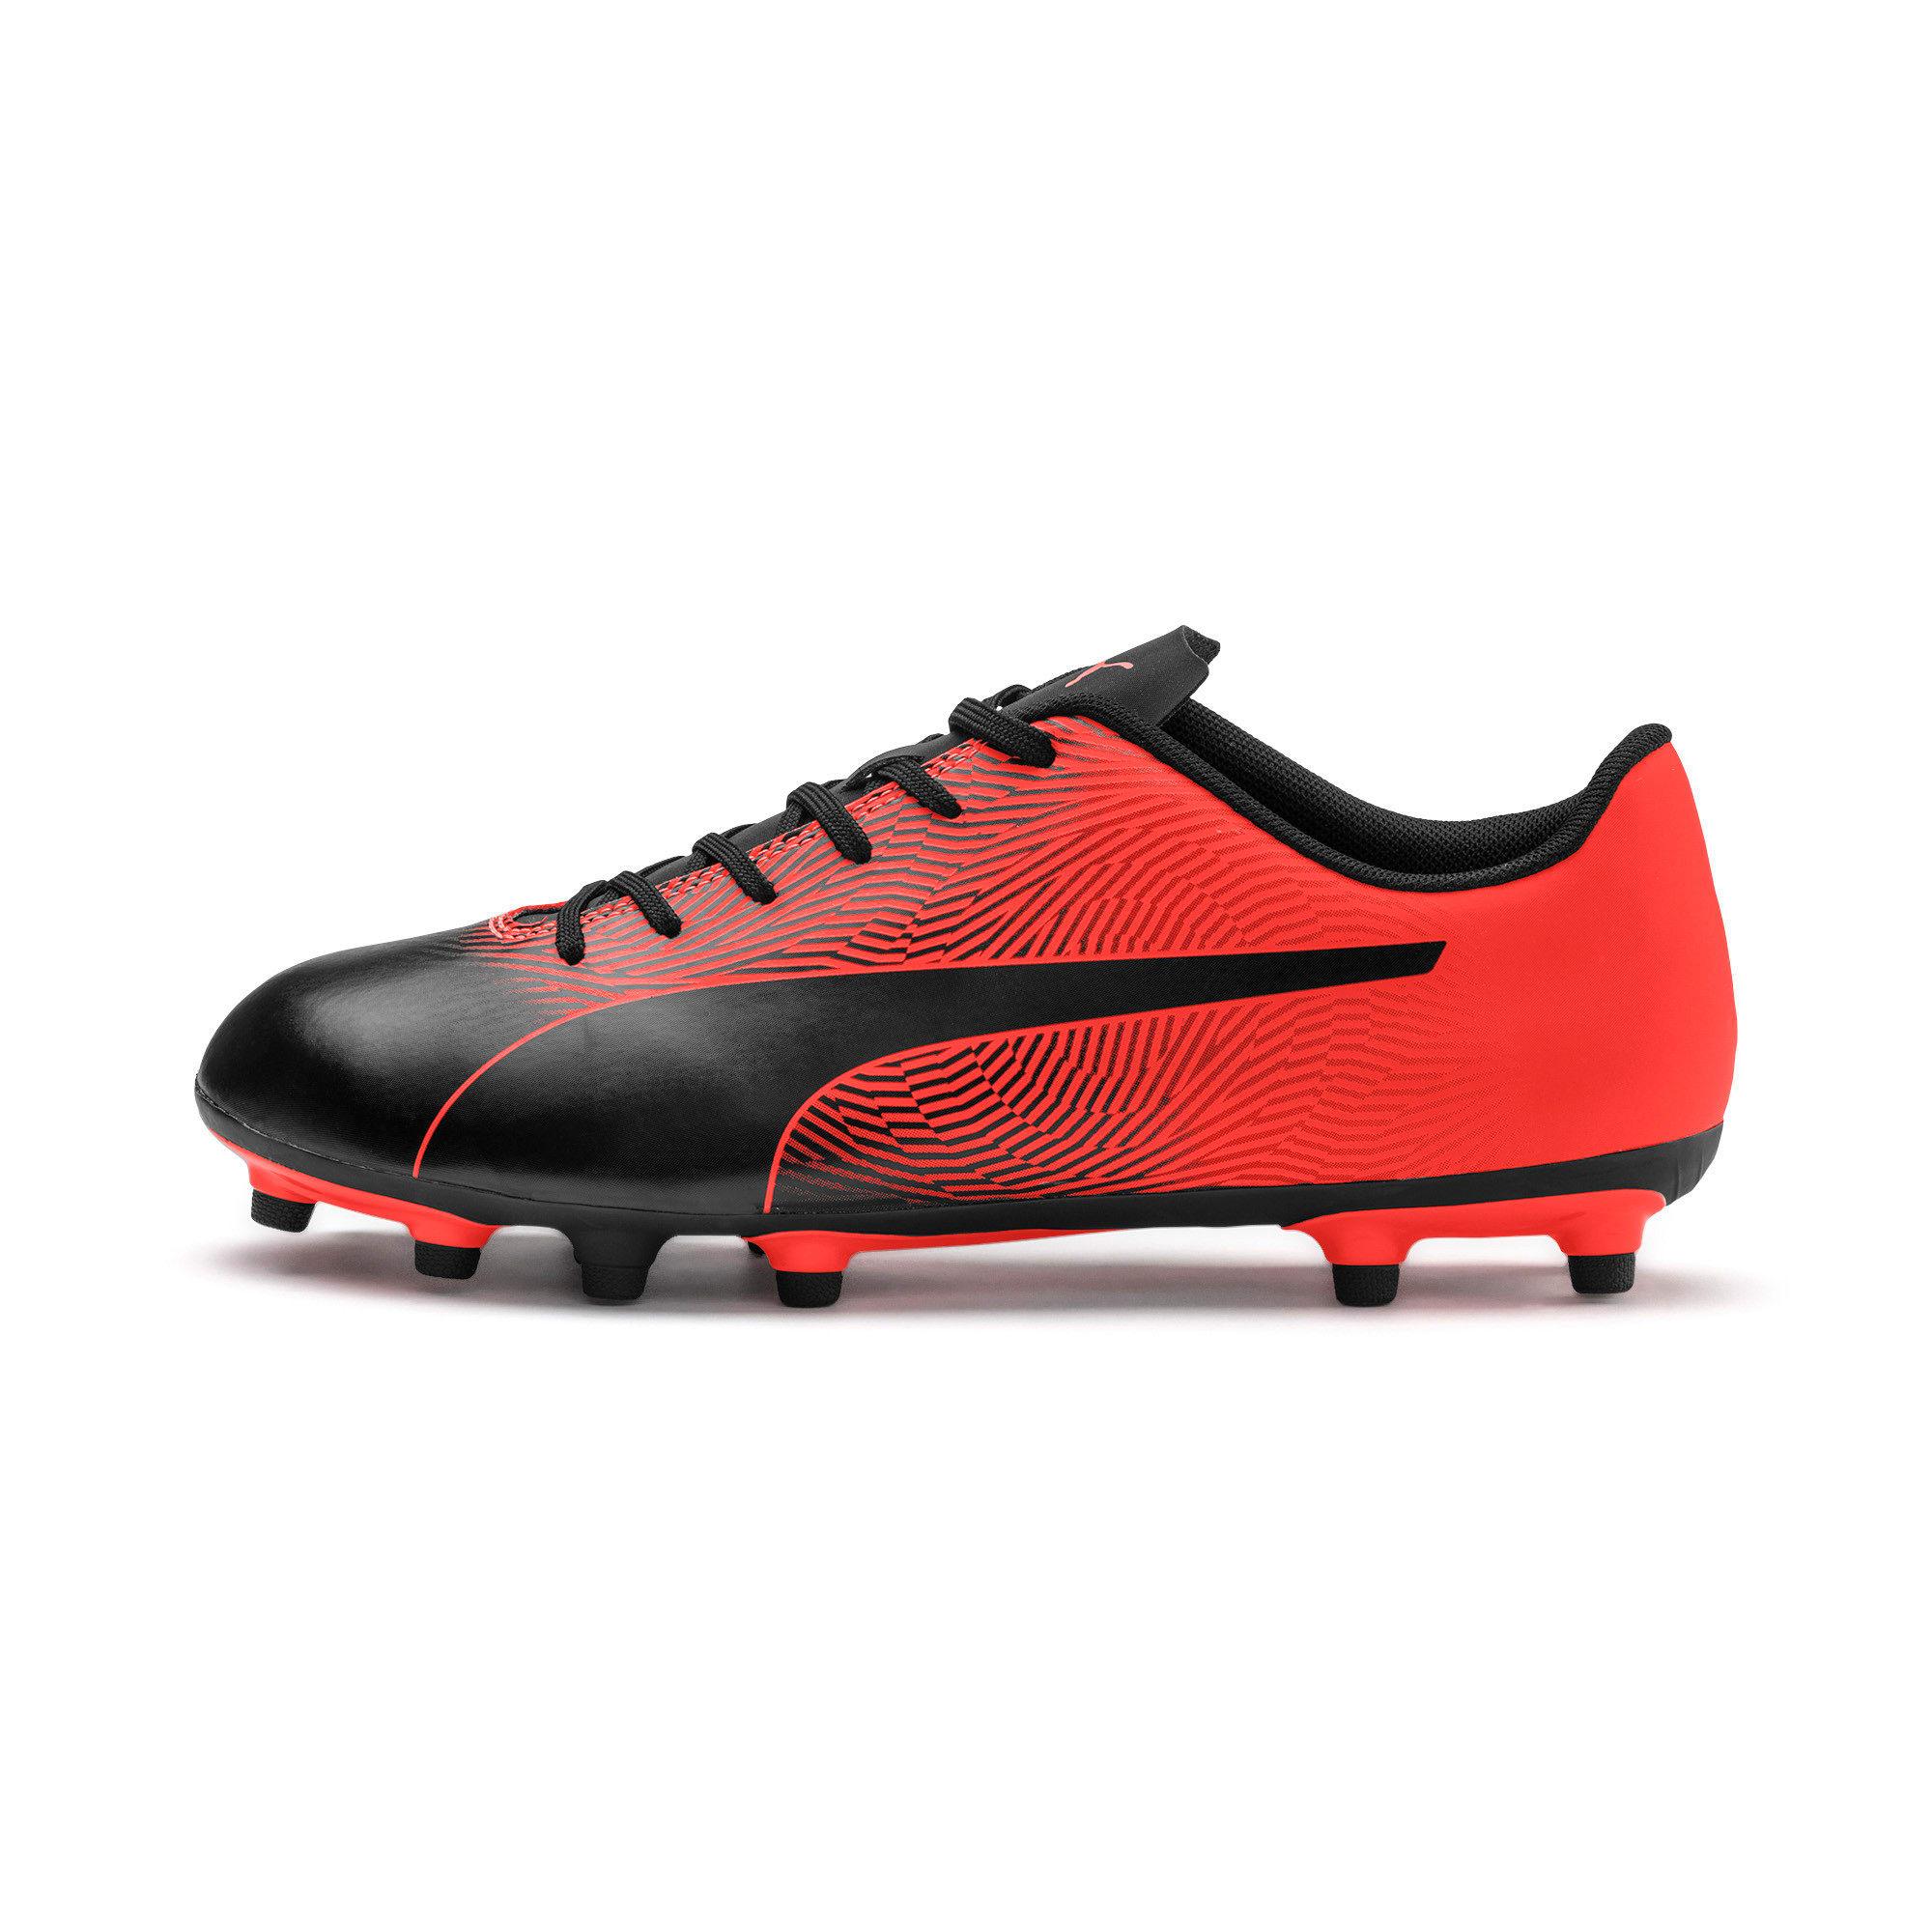 Miniatura 1 de Botines de fútbol PUMA Spirit II FG para hombre, Puma Black-Nrgy Red, mediano